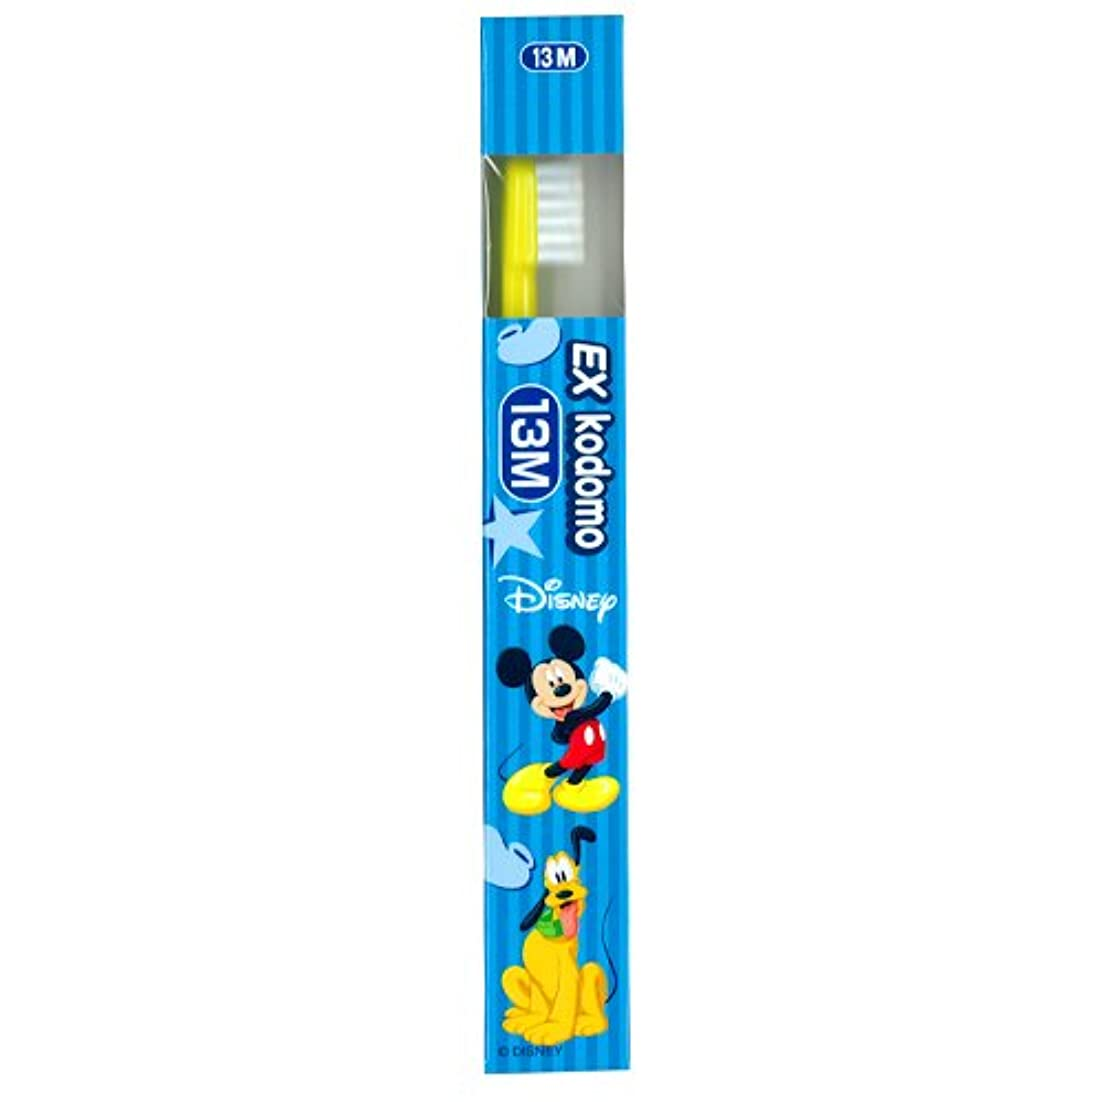 絶え間ない収まるレオナルドダライオン EX kodomo ディズニー 歯ブラシ 1本 13M イエロー